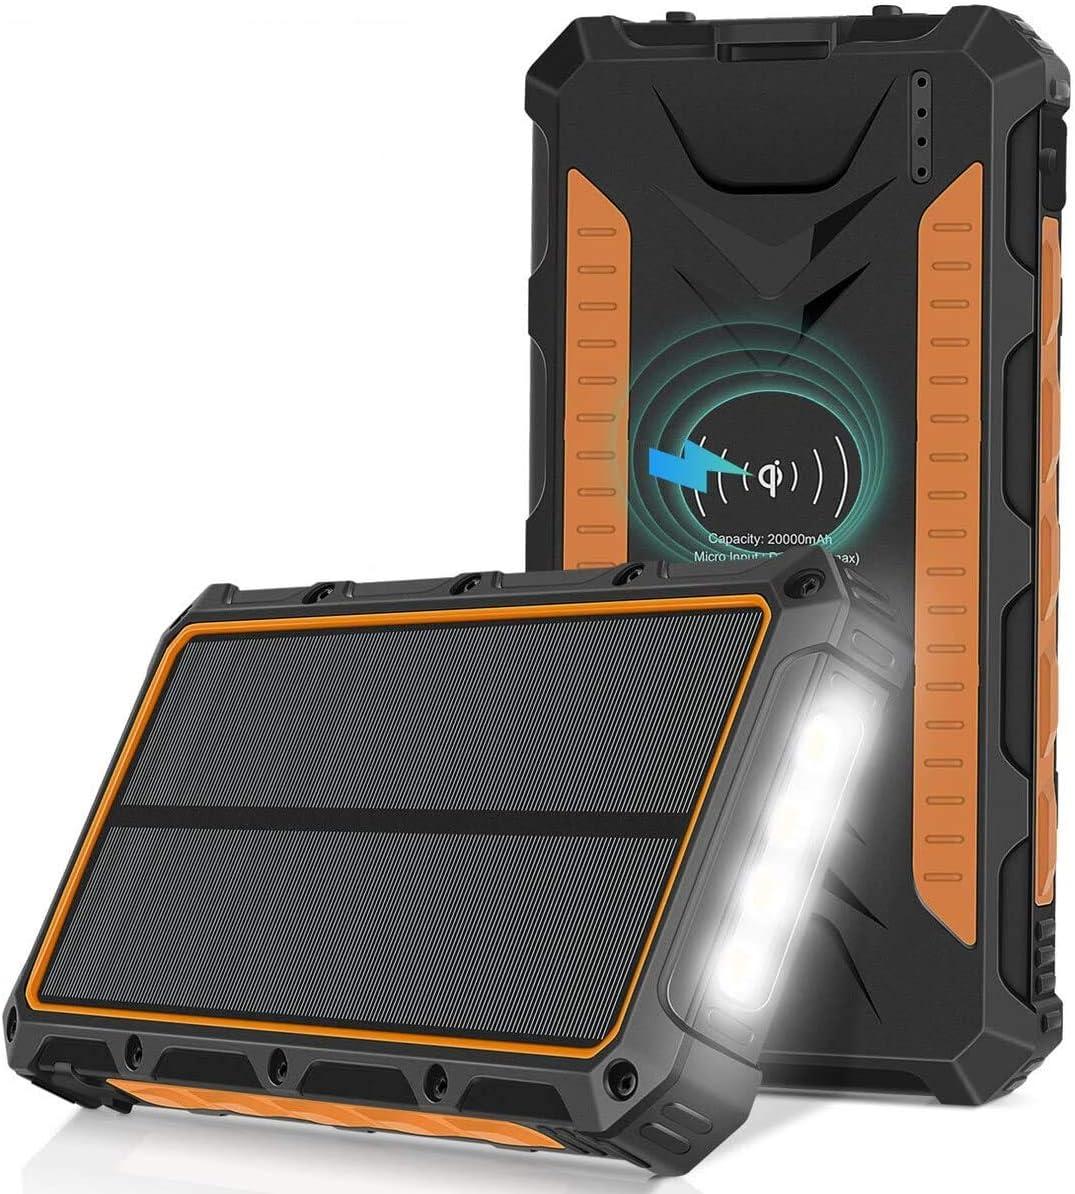 Sendowtek Powerbank op zonne-energie, met 3 zonnepanelen, 2 USB-uitgangen, externe draagbare oplader op zonne-energie voor camping, reizen, noodgevallen, IP54 waterdicht/zaklamp, 20000mAh